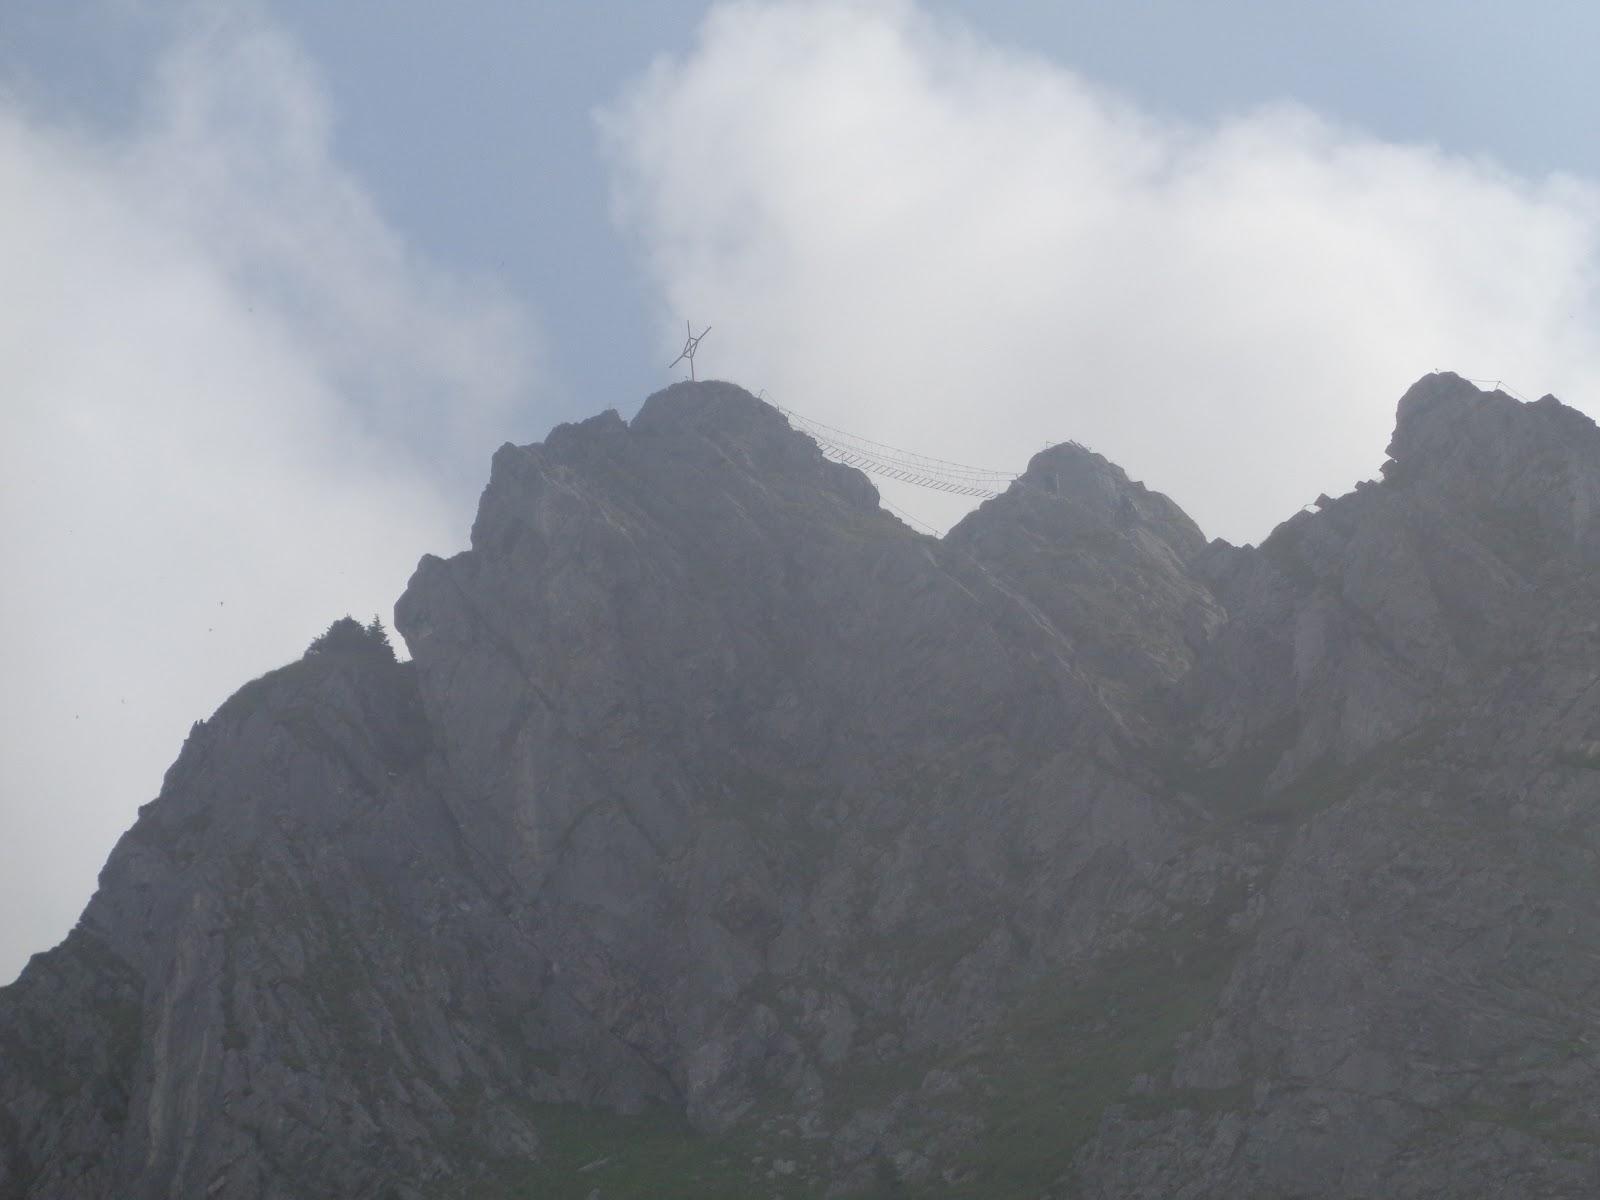 Klettersteig Zittergrat : Dumbo s wanderungen klettersteig zittergrat und rigidalstock